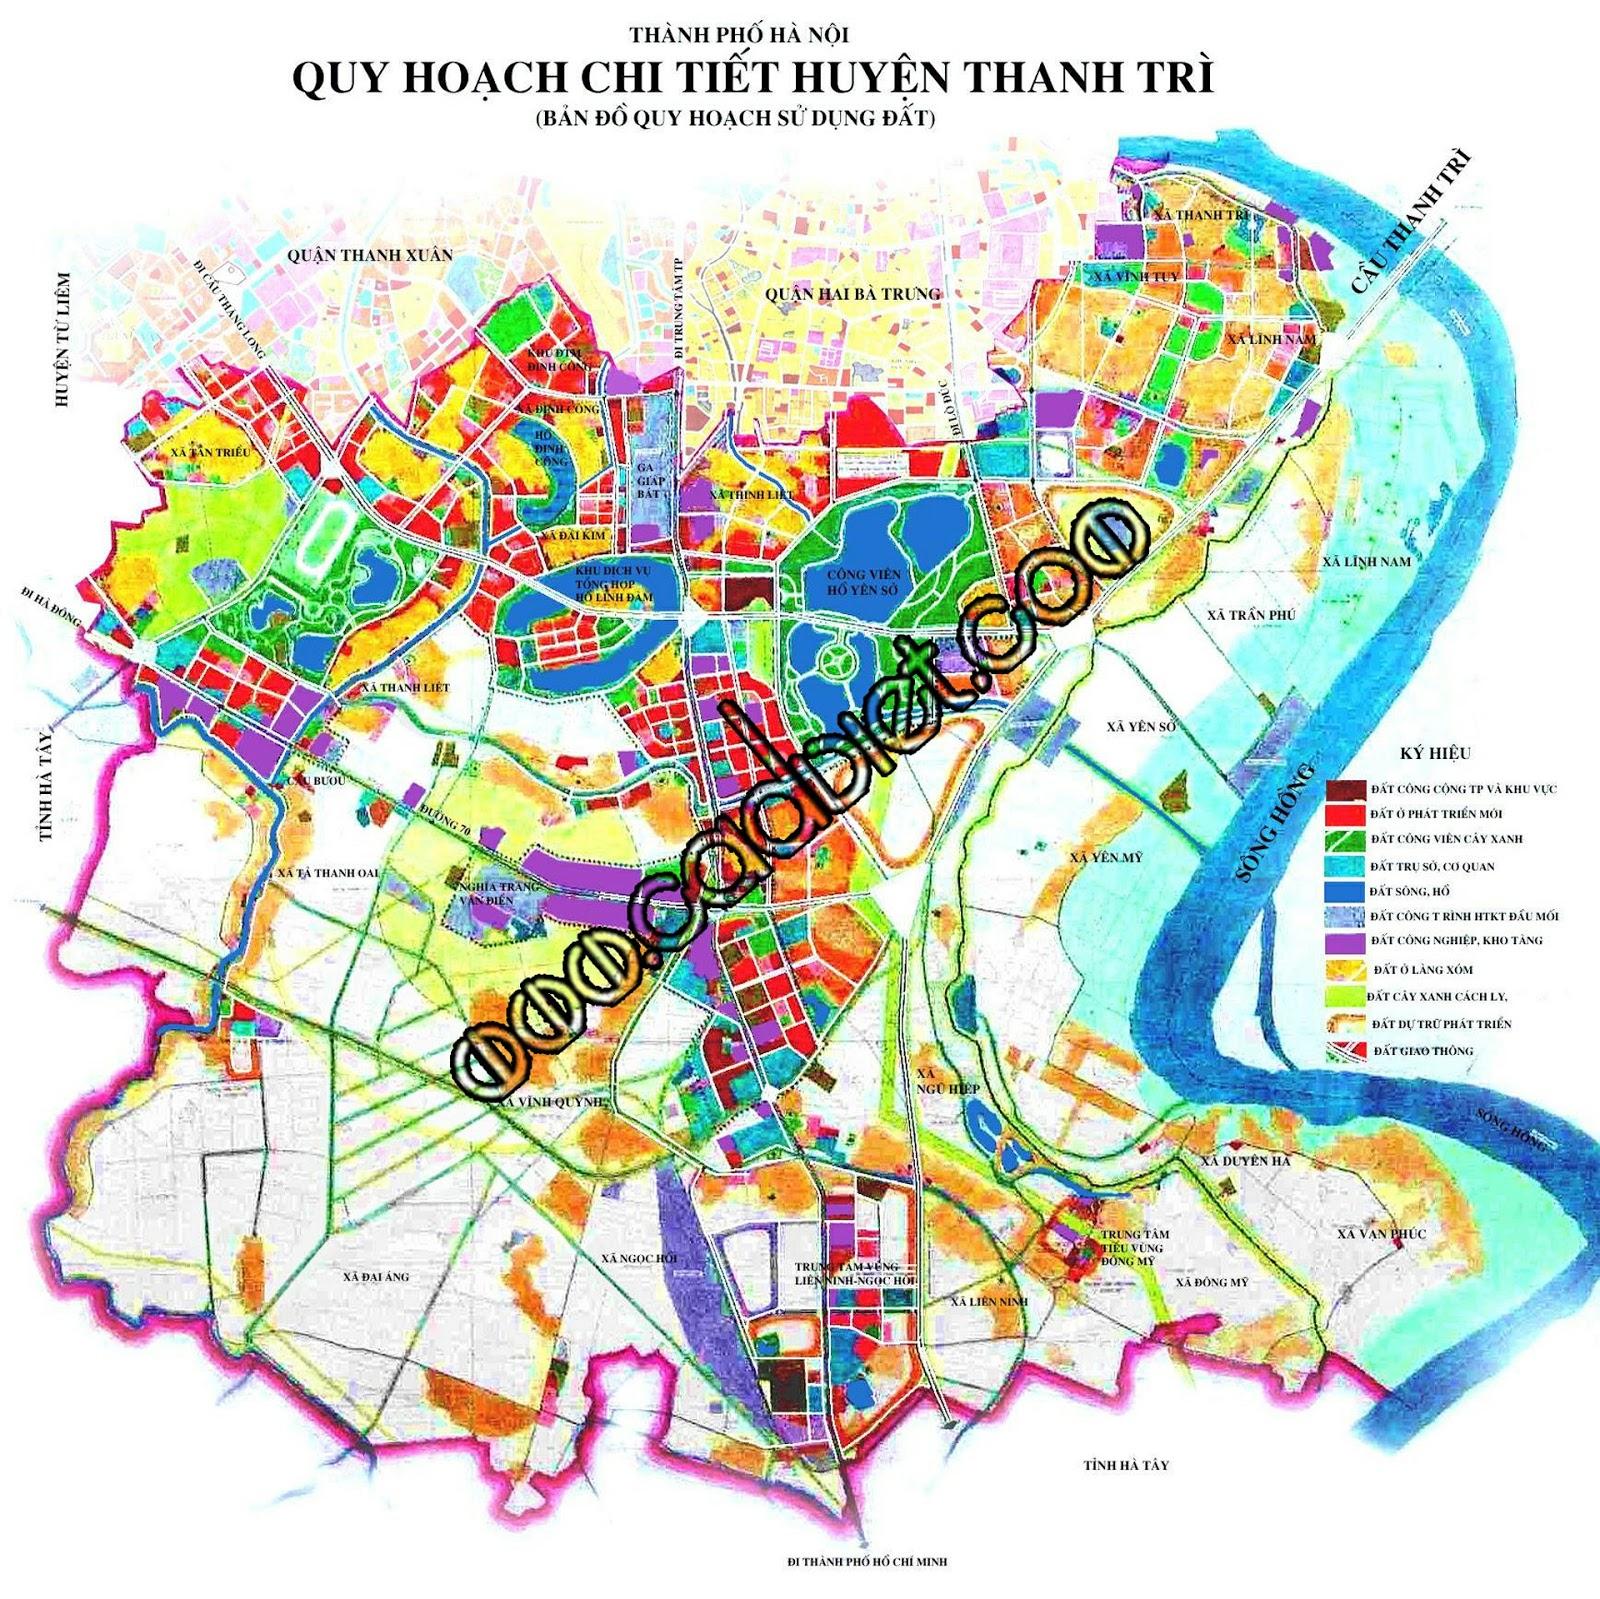 Bản đồ quy hoạch sử dụng đất Thanh Trì